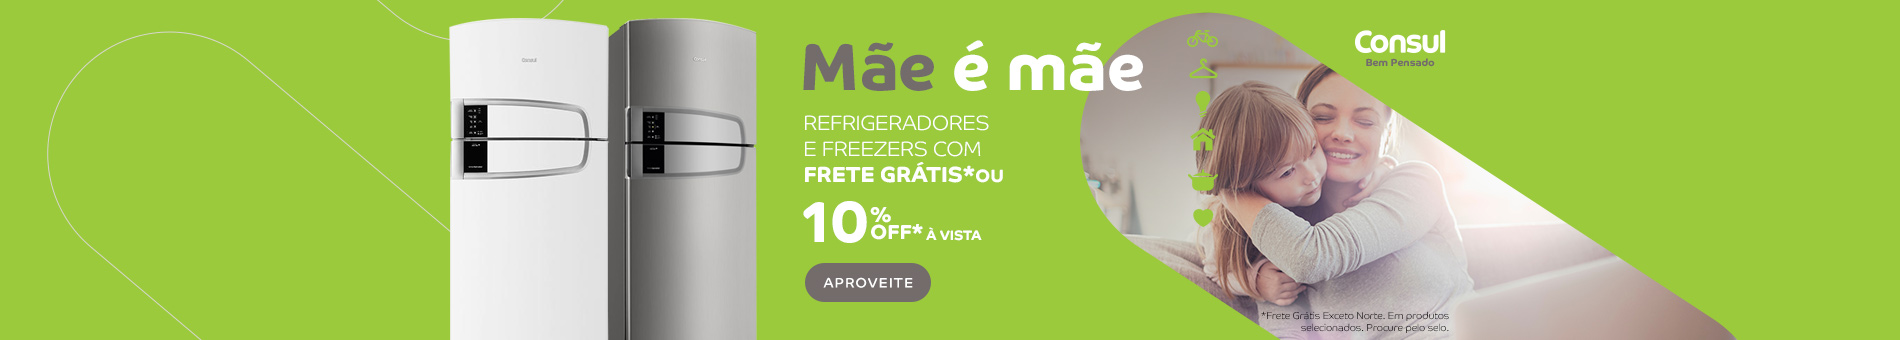 Promoção Interna - 1640 - mae_refri-freteou10vista_24032017_home2 - refri-freteou10vista - 2